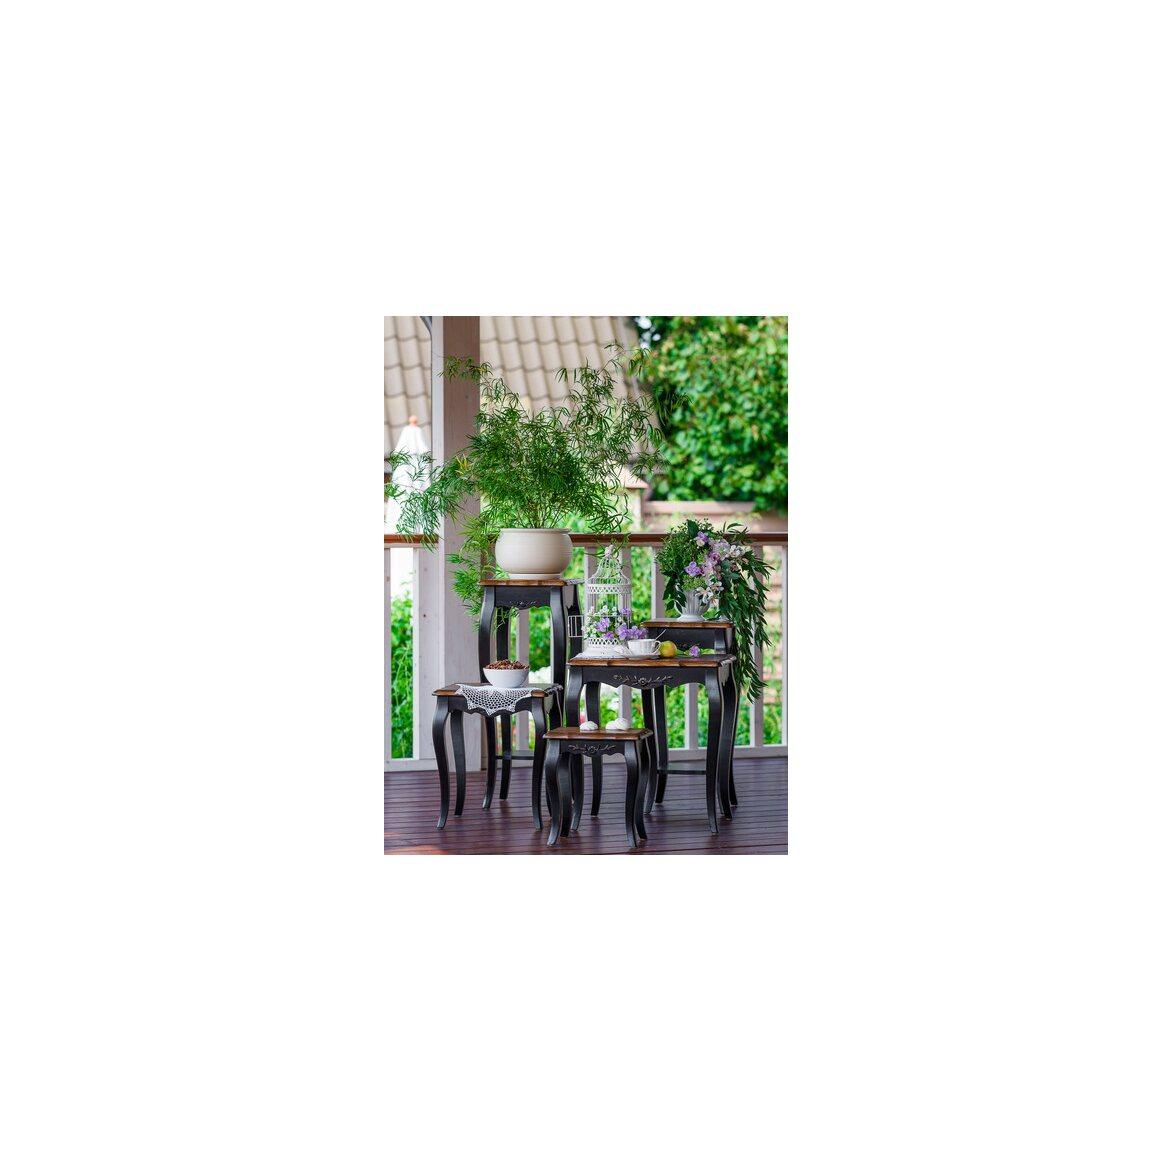 Консольные столики (комплект) Leontina, черного цвета 5 | Консоли Kingsby